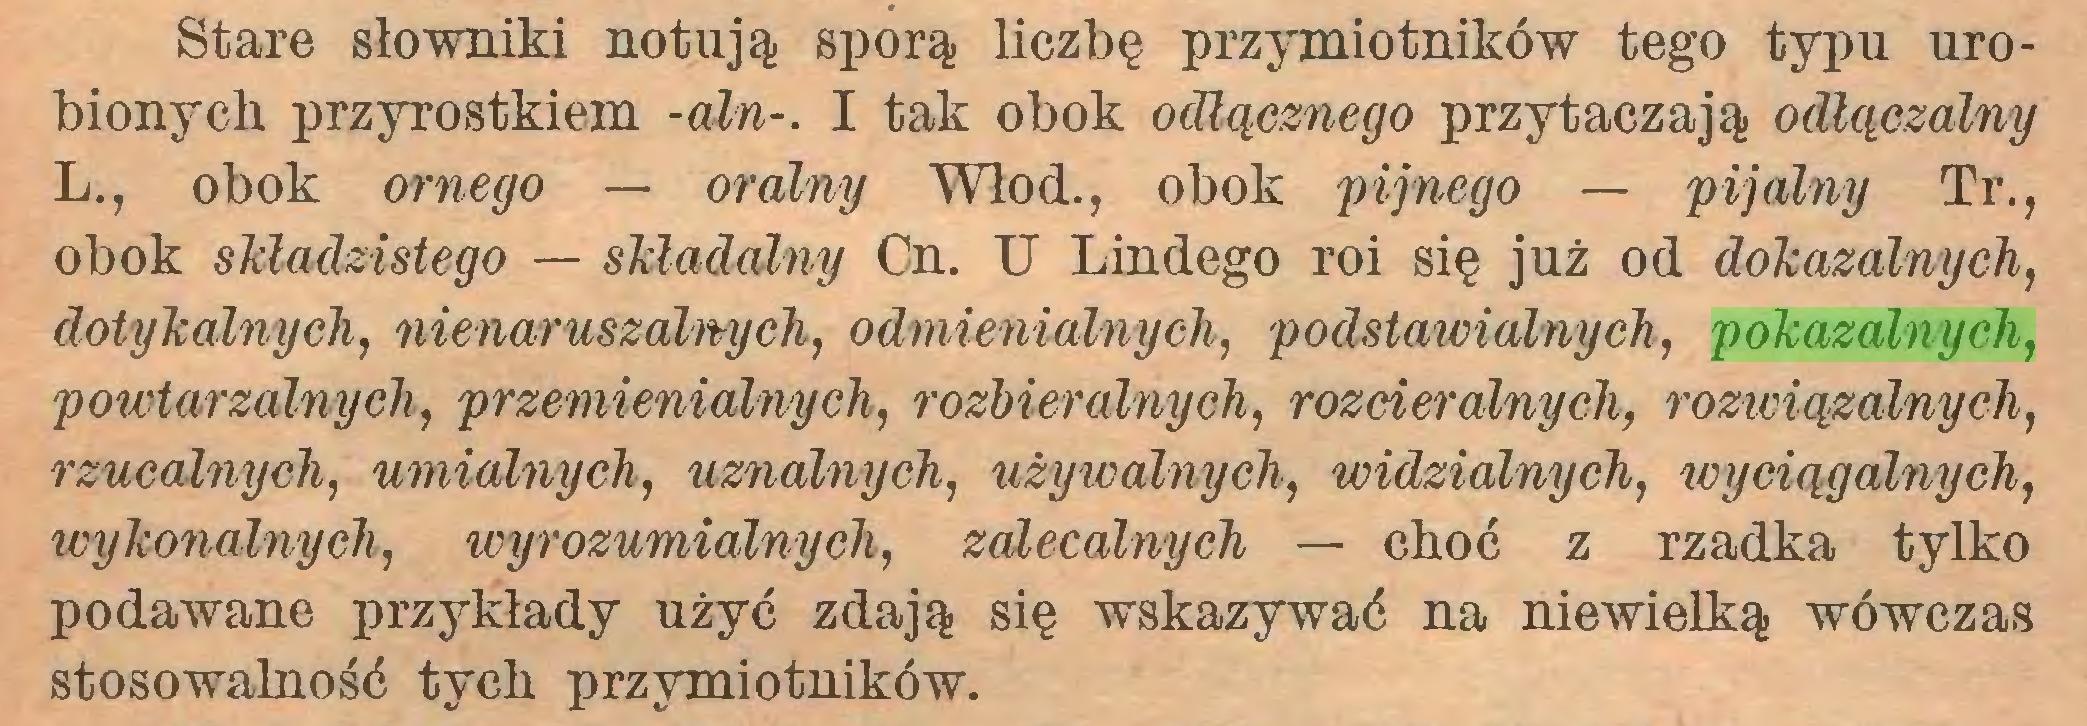 (...) Stare słowniki notują sporą liczbę przymiotników tego typu urobionych przyrostkiem -aln-. I tak obok odlącznego przytaczają odłączalny L., obok ornego — oralny Włod., obok pijnego — pijalny Tr., obok skladzistego — sMadalny Cn. U Lindego roi się już od dokazalnych, dotykalnych, nienaruszalnych, odmienialnycli, podstawialnych, pokazalnych, powtarzalnych, przemienialnych, rozbieralnych, rozcieralnych, rozwiązalnych, rzucalnych, umialnych, uznalnych, używalnych, widzialnych, wyciągalnych, wykonalnych, wyrozumialnych, zalecalnych — choć z rzadka tylko podawane przykłady użyć zdają się wskazywać na niewielką wówczas stosowalność tych przymiotników...